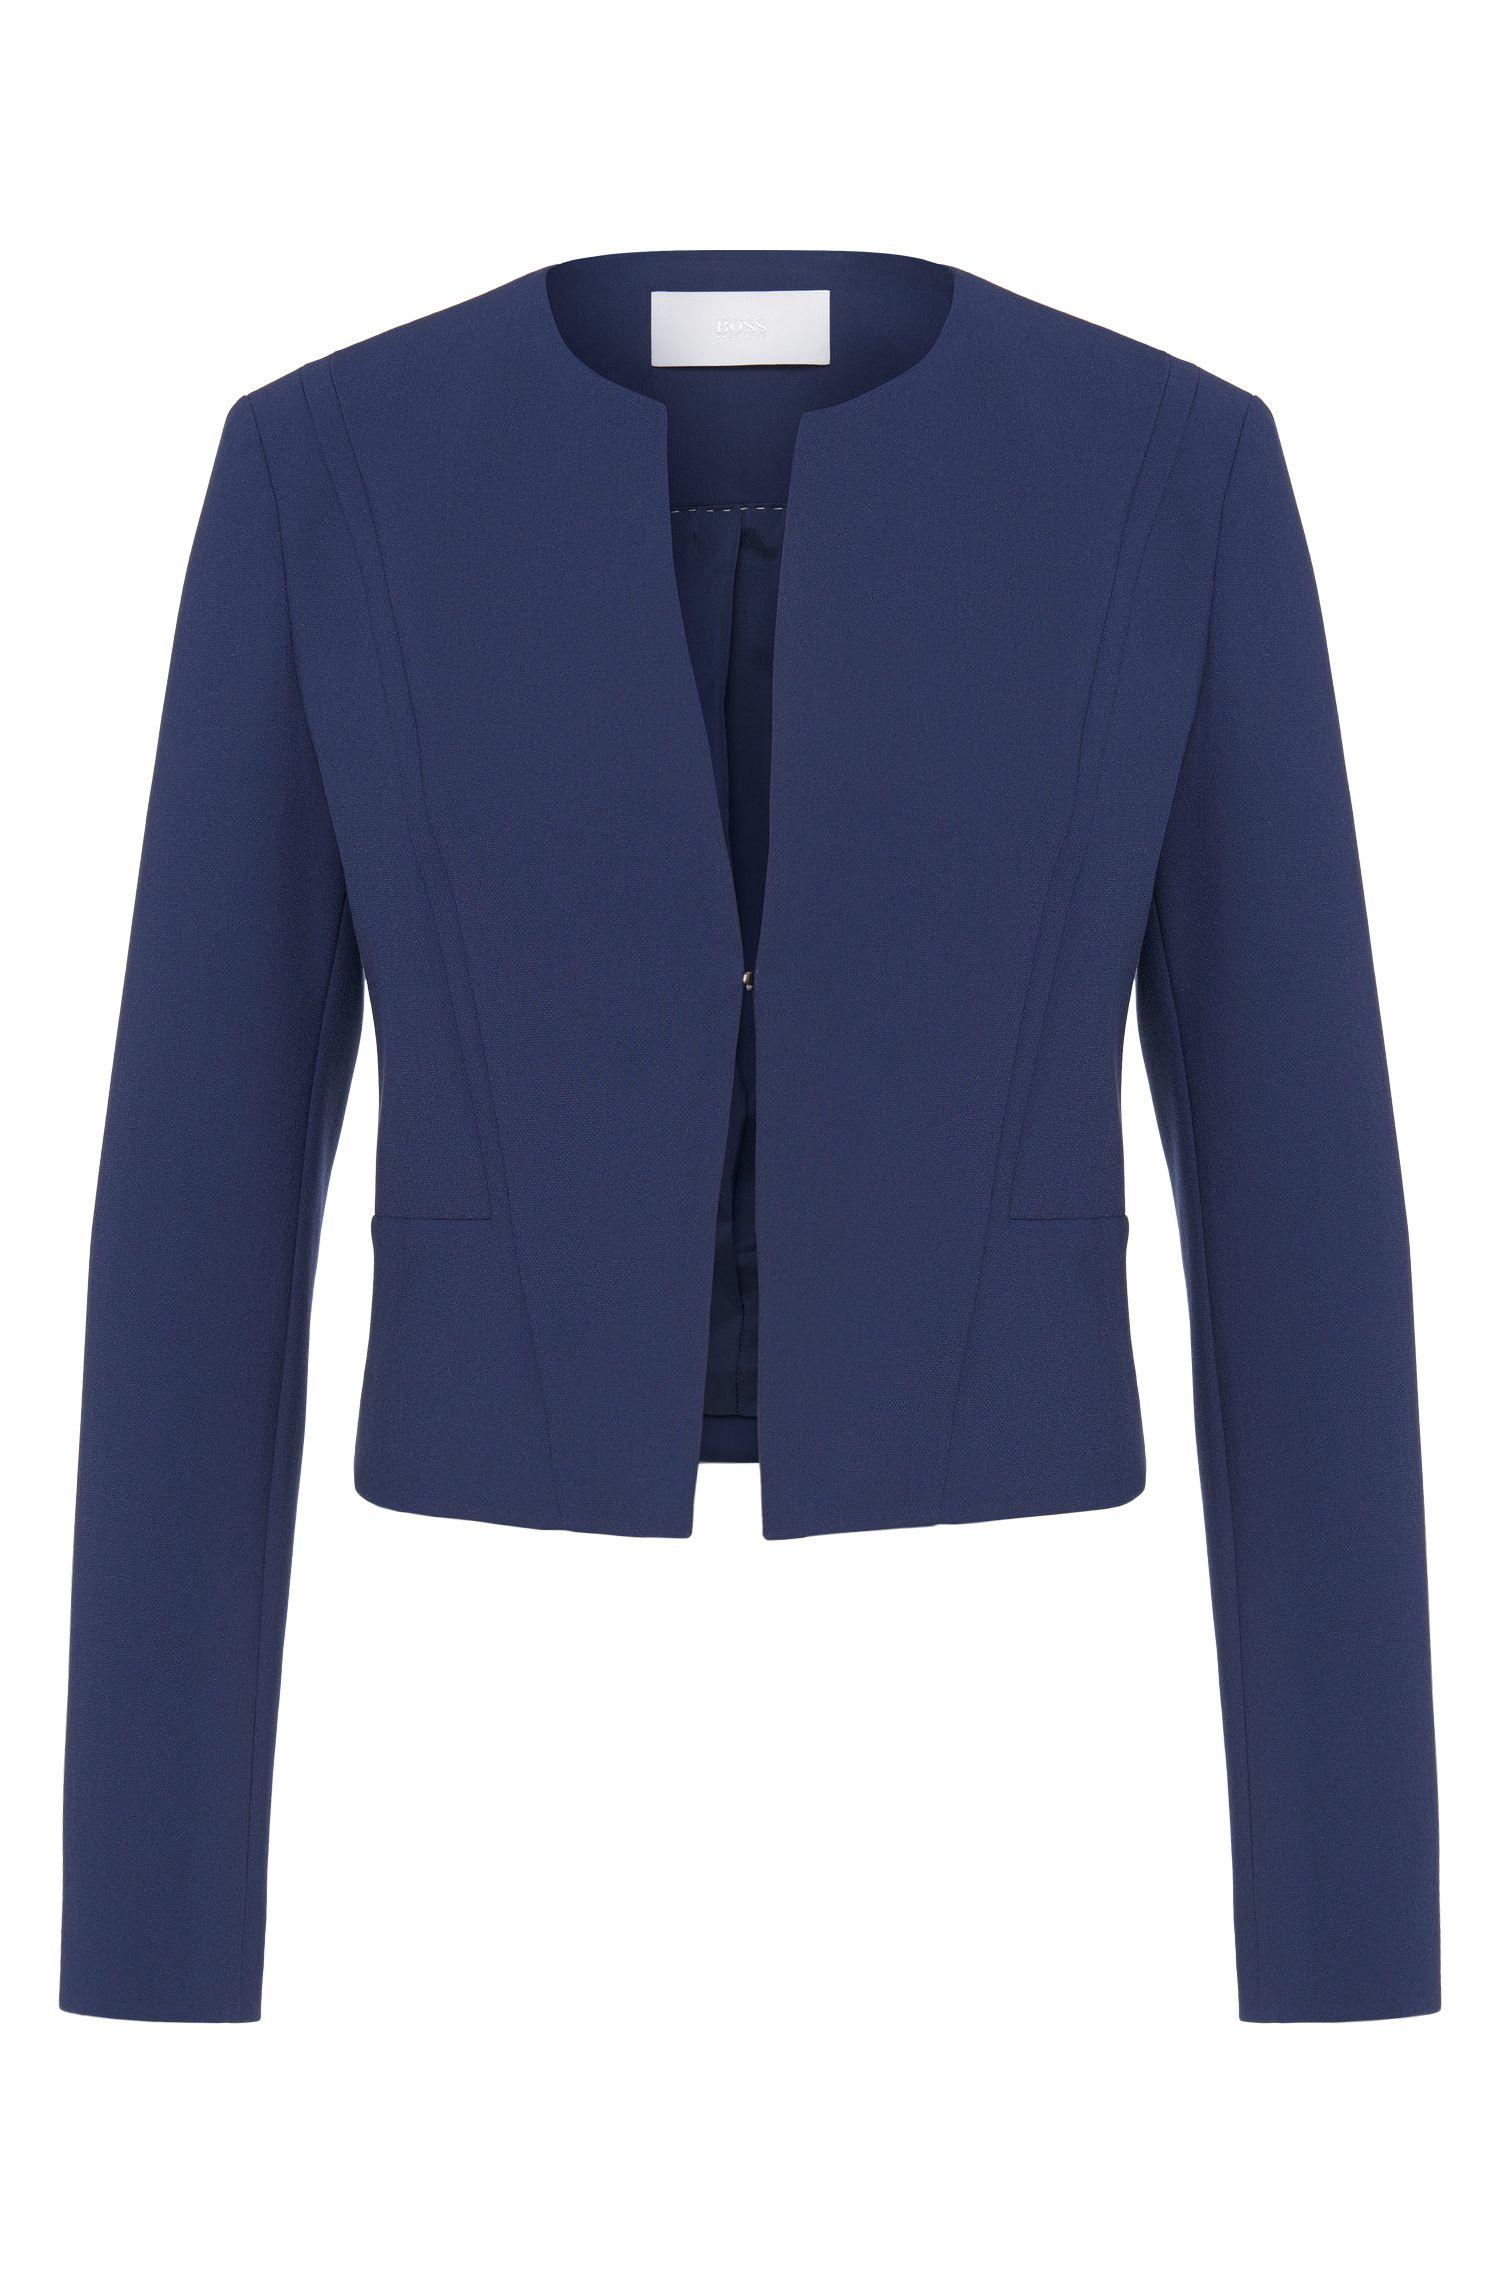 'Jasala' | Stretch Cotton Blend Jacket